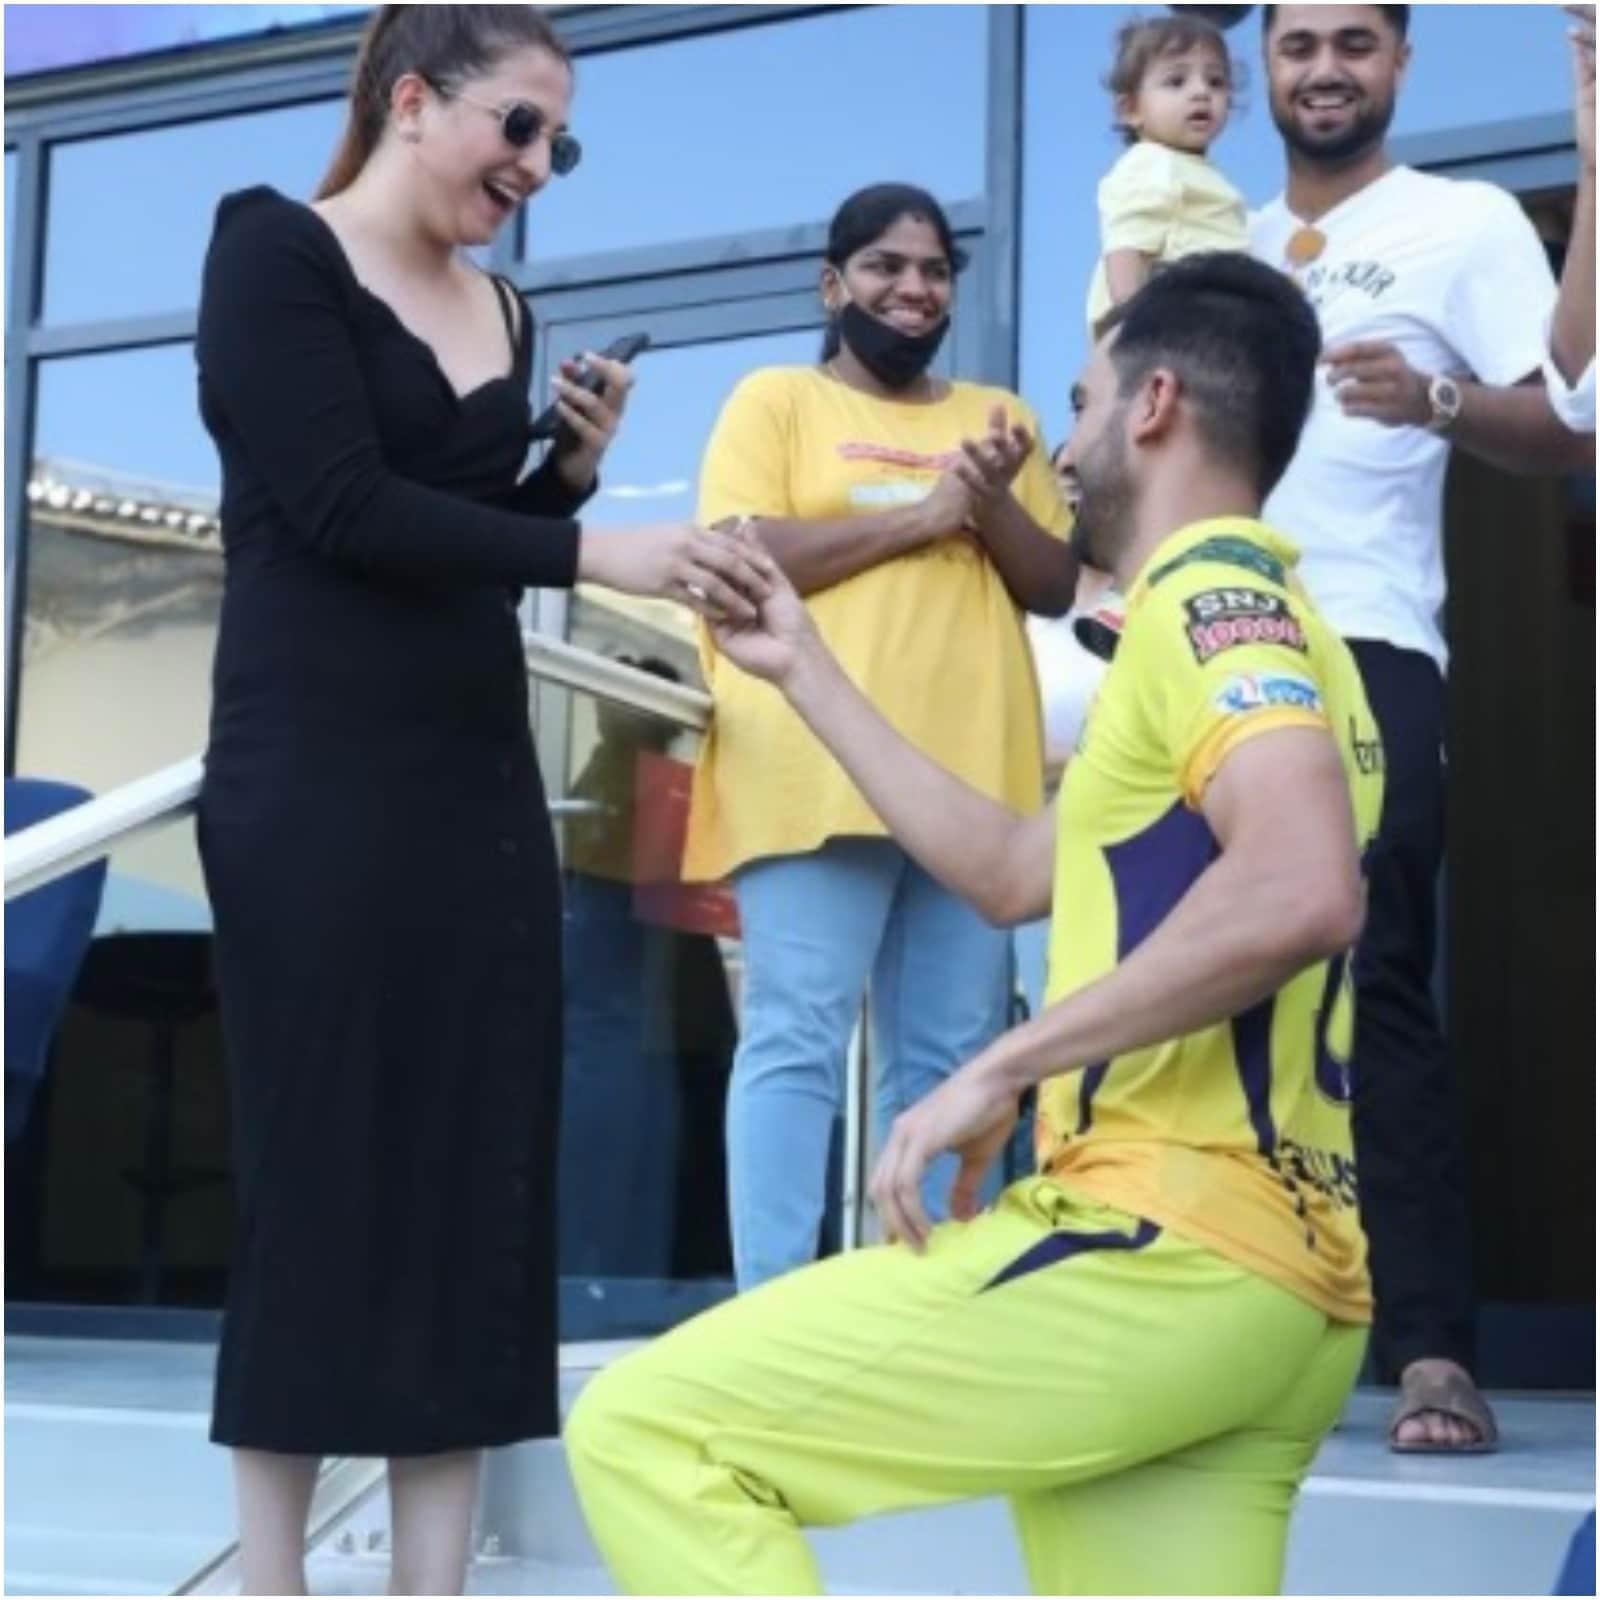 उन्होंने अपनी गर्लफ्रेंड जया भारद्वाज को घुटनों पर बैठकर अंगूठी पहनाई. चाहर के इस अंदाज पर उनके होने वाले साले और रियलटी शो बिग बॉस सीजन 5 के कंटेस्टेंट सिद्धार्थ भारद्वाज फिदा हो गए.(Deepak Chahar/Instagram)